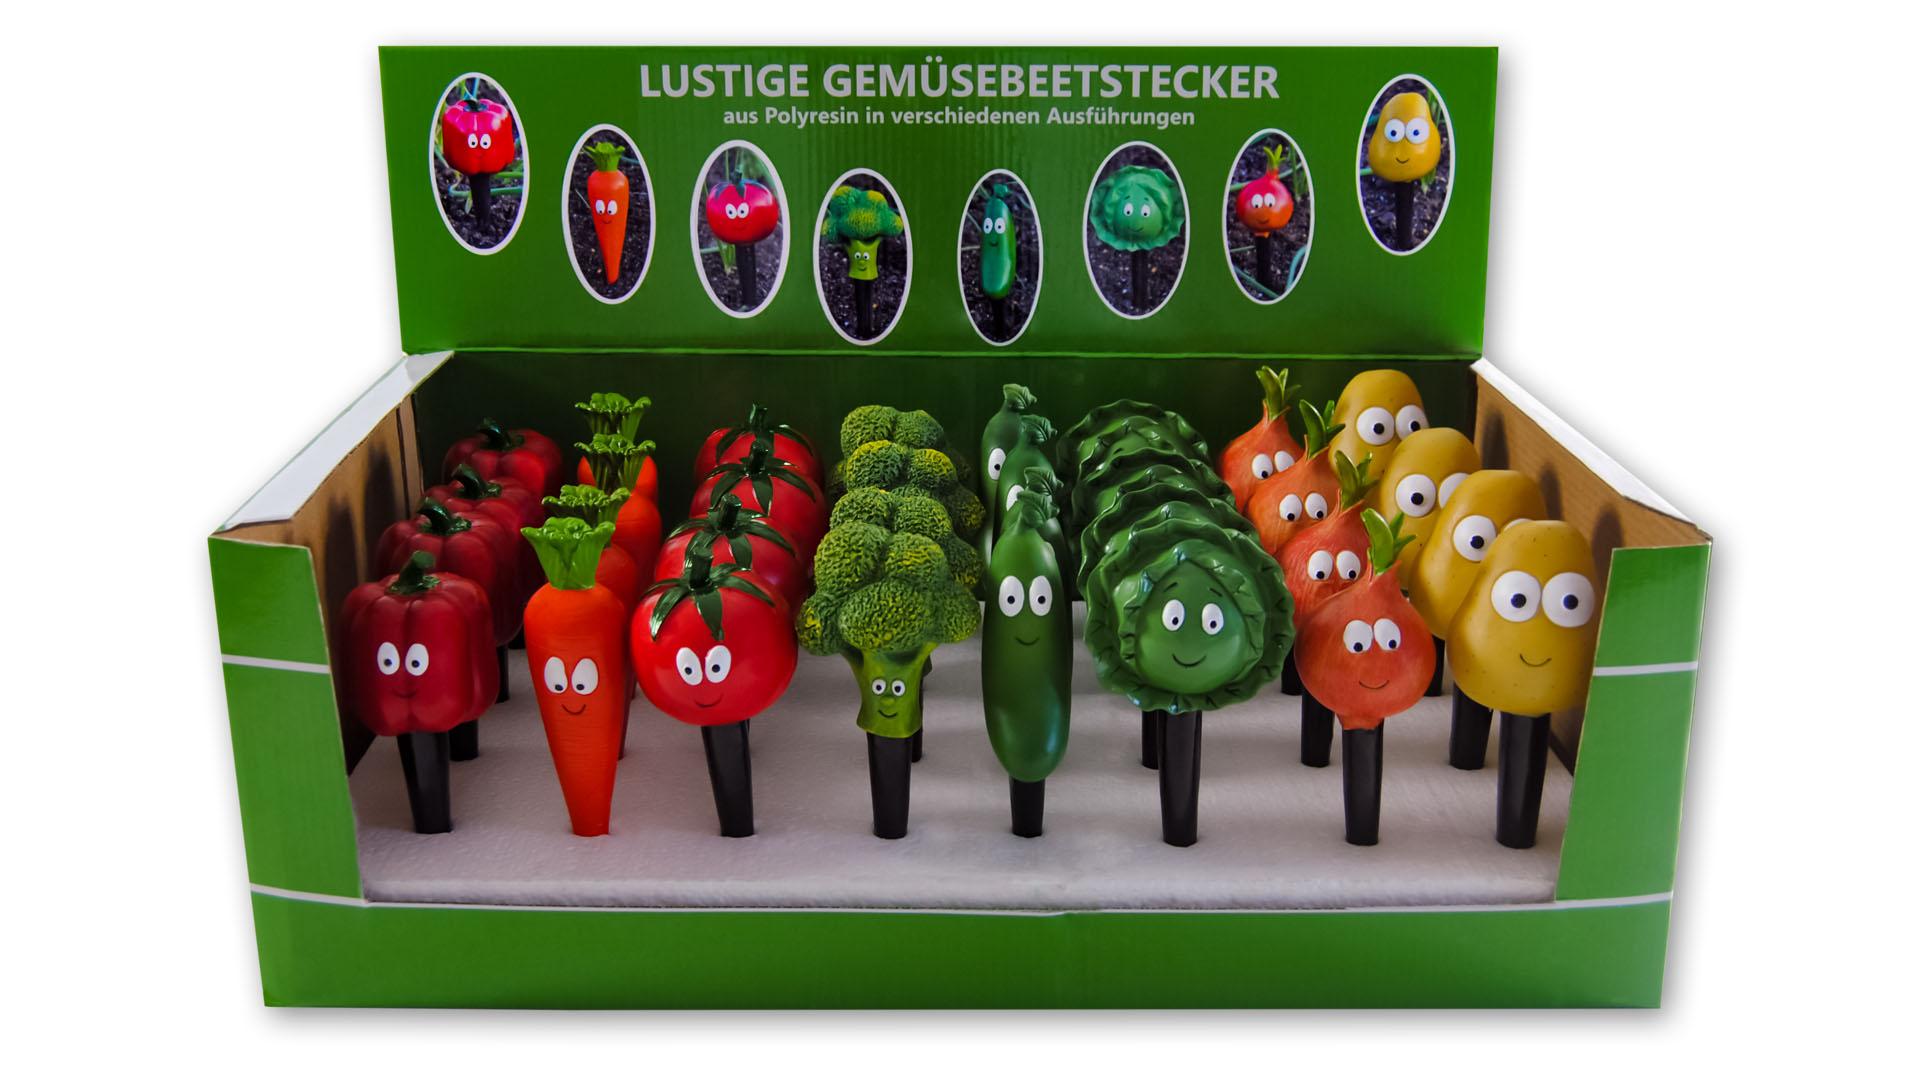 Lustige Gemüsebeetstecker im Verkaufsdisplay Image